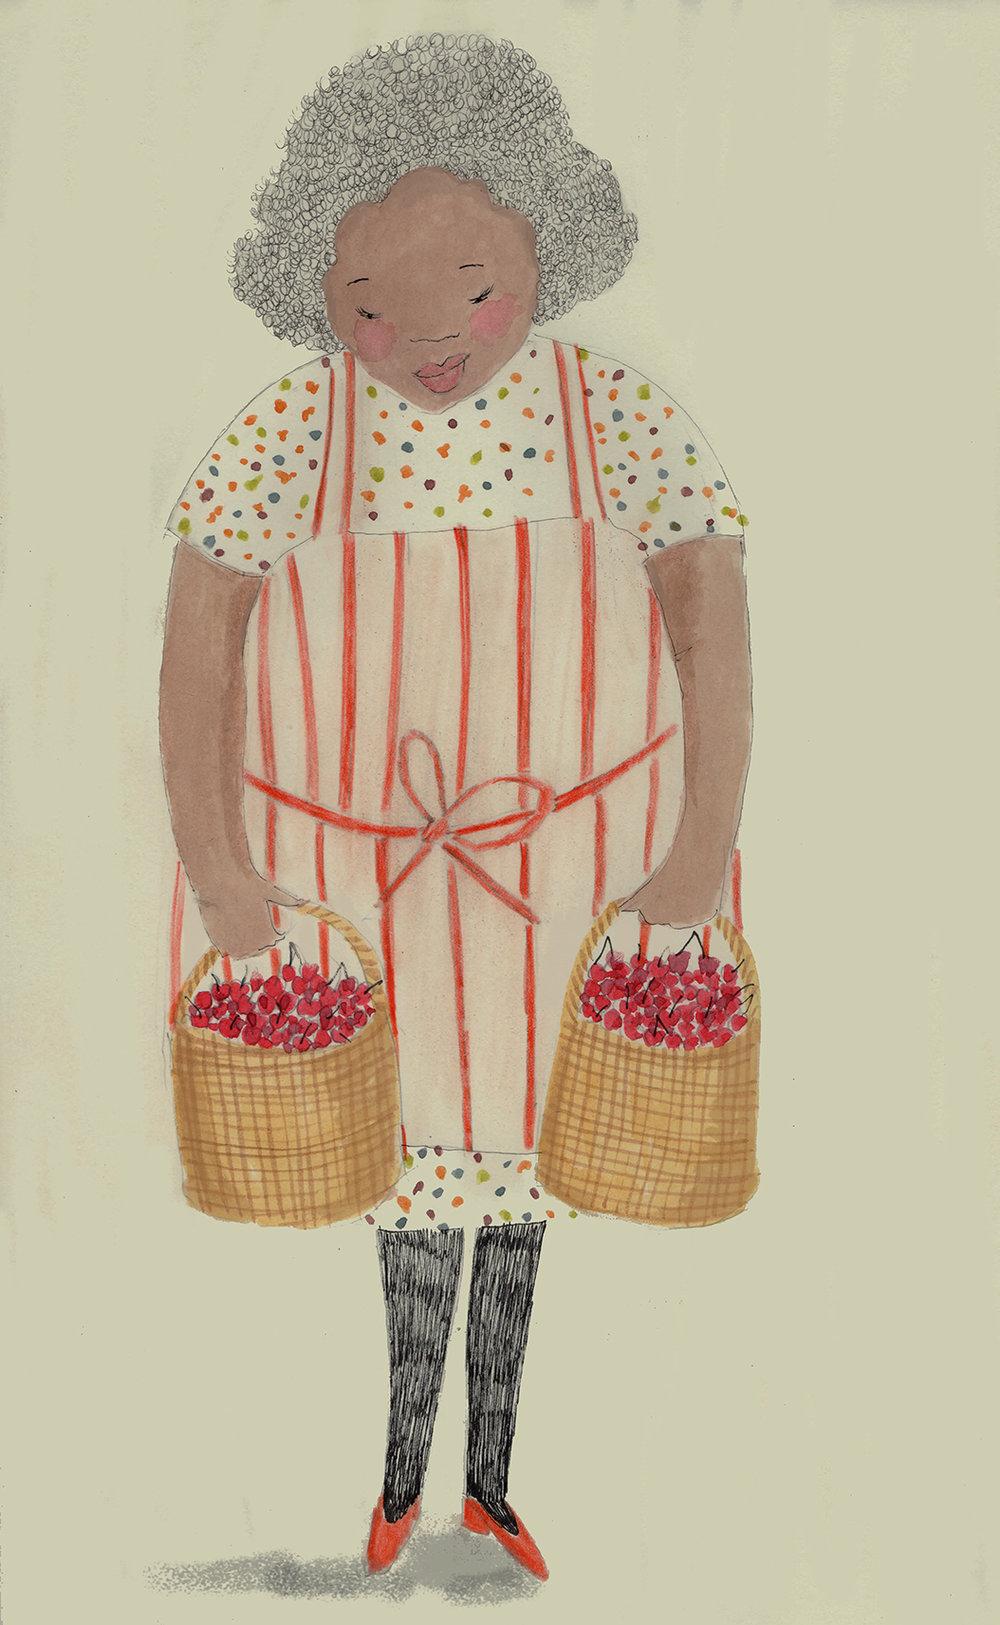 Greengrocer with cherries.rgb.jpg